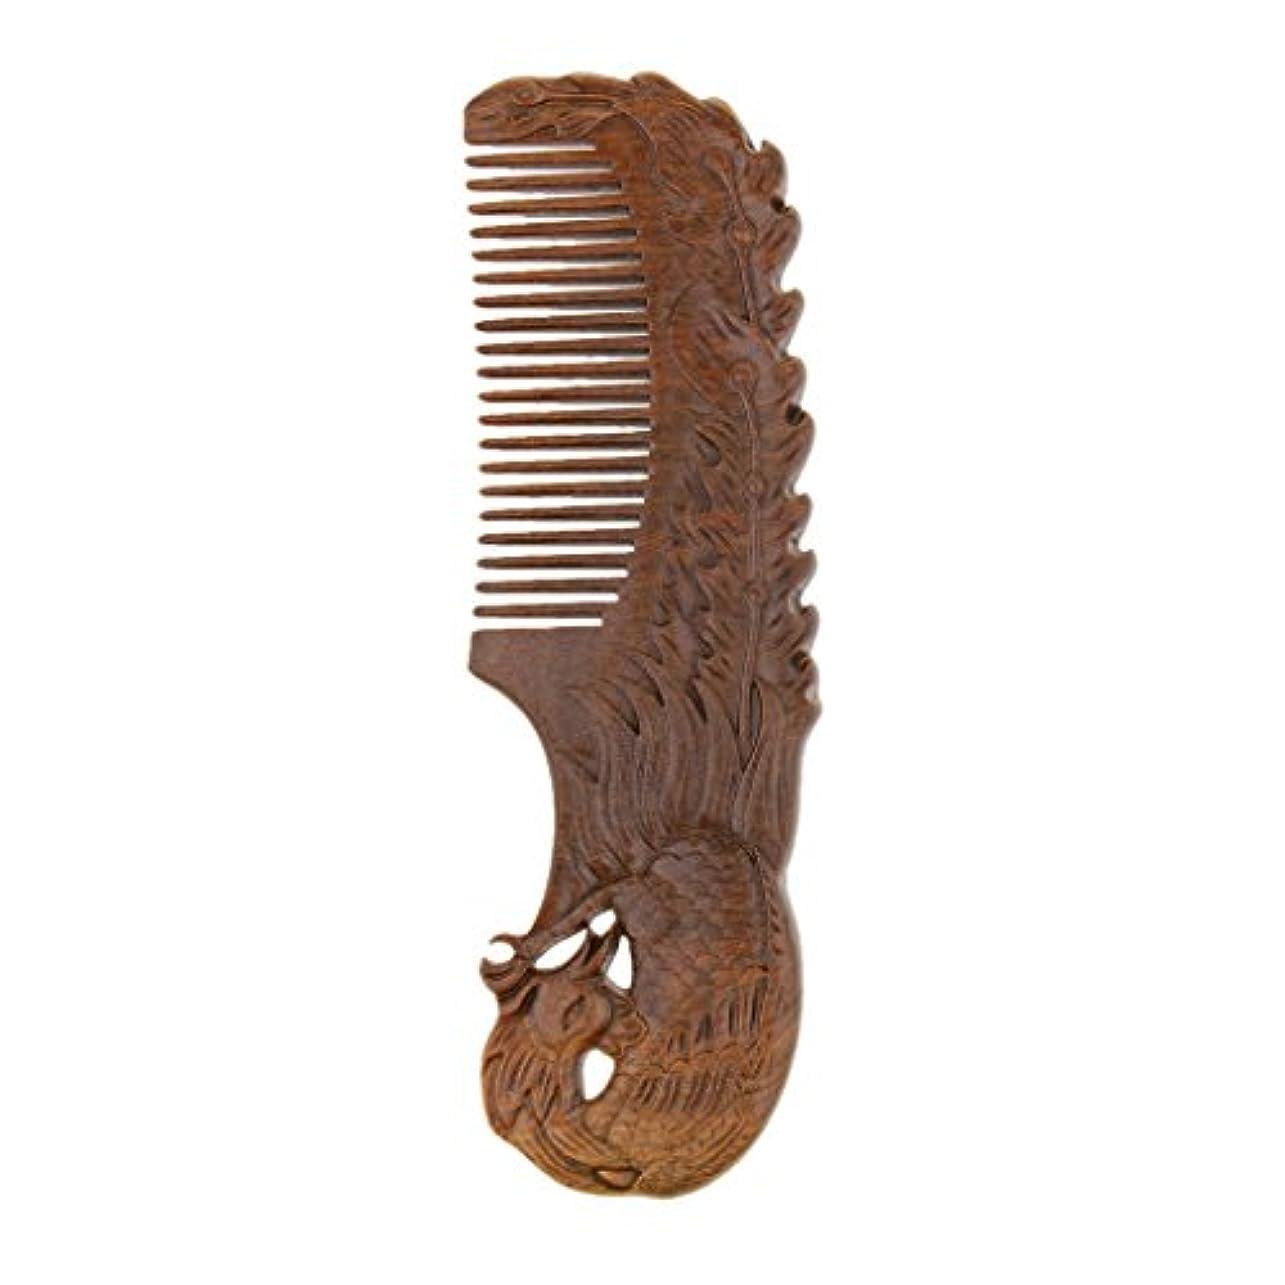 ウミウシアセお客様ウッドコーム ナチュラル サンダルウッド ワイド歯 ブラシ ヘアスタイリング デタングリングコーム 2タイプ - Phoenix